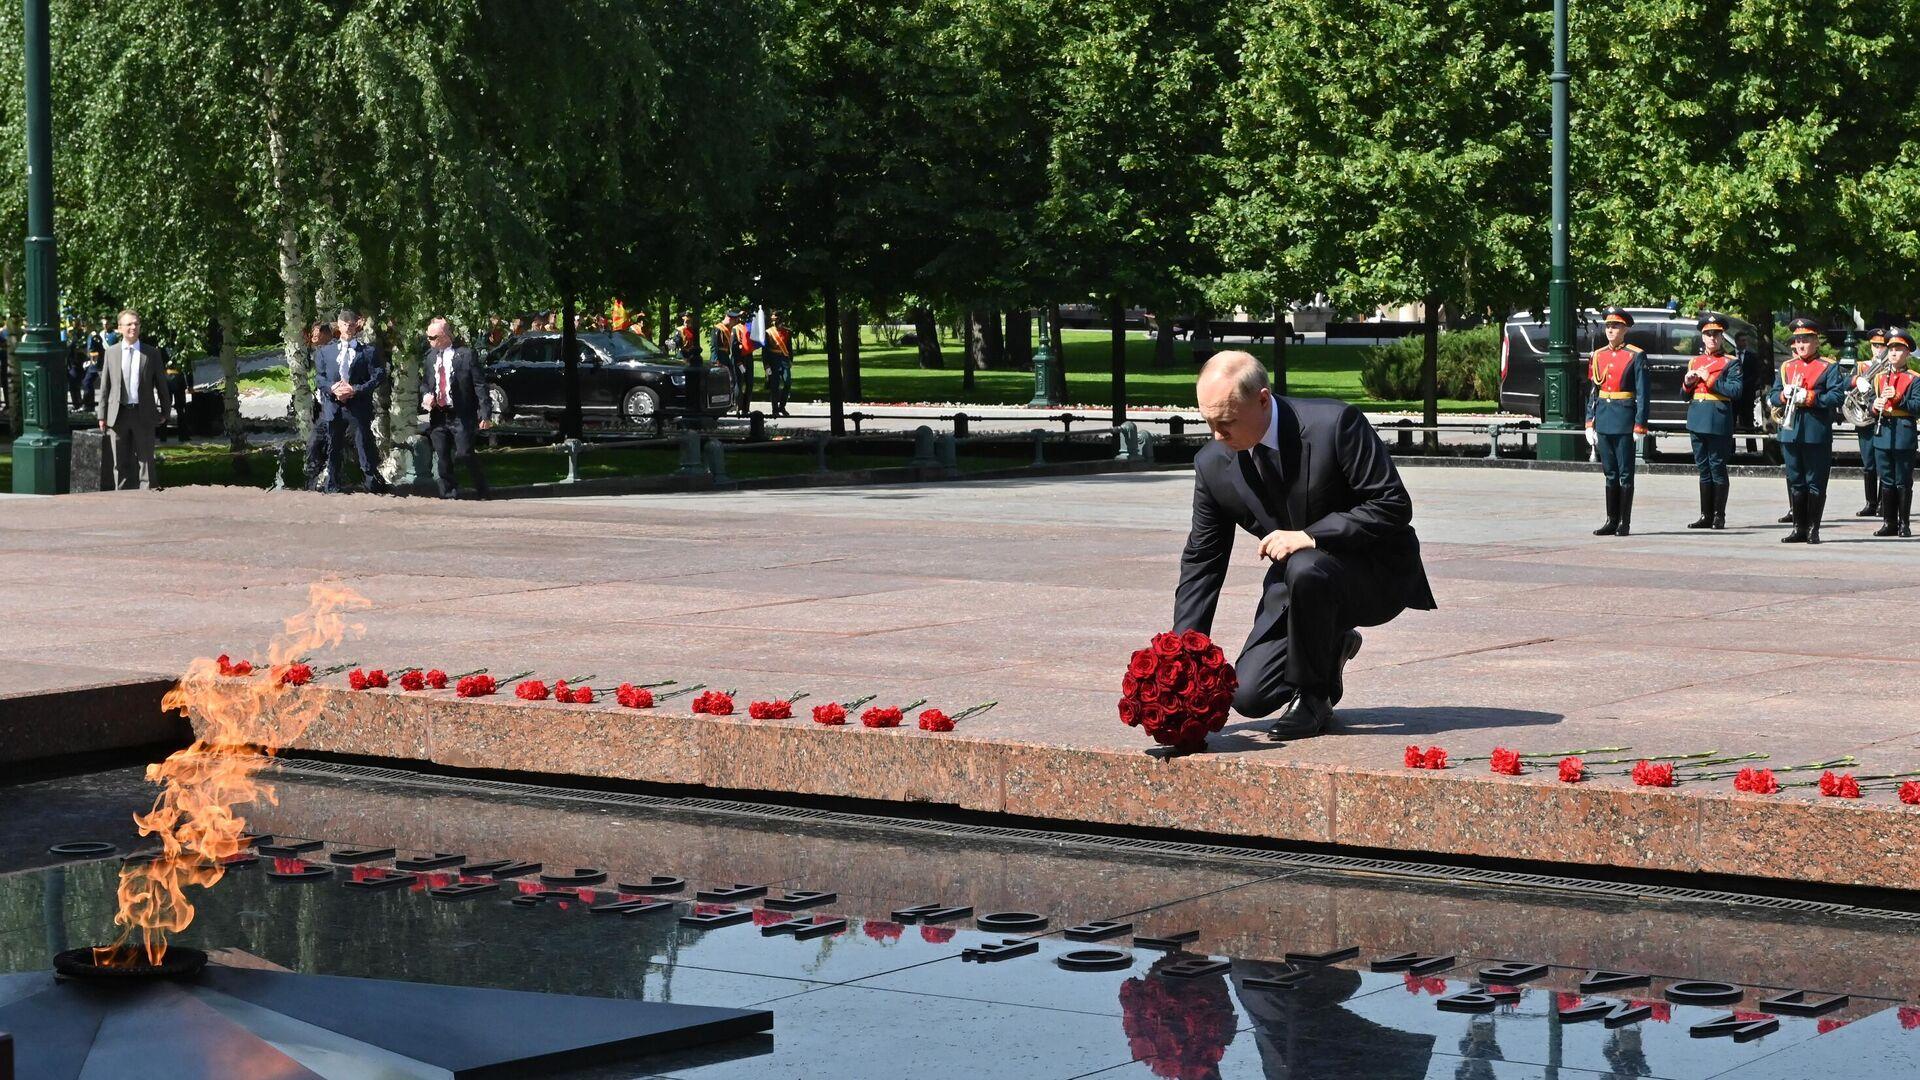 El presidente de Rusia, Vladímir Putin, deposita flores ante la Tumba del Soldado Desconocido - Sputnik Mundo, 1920, 22.06.2021